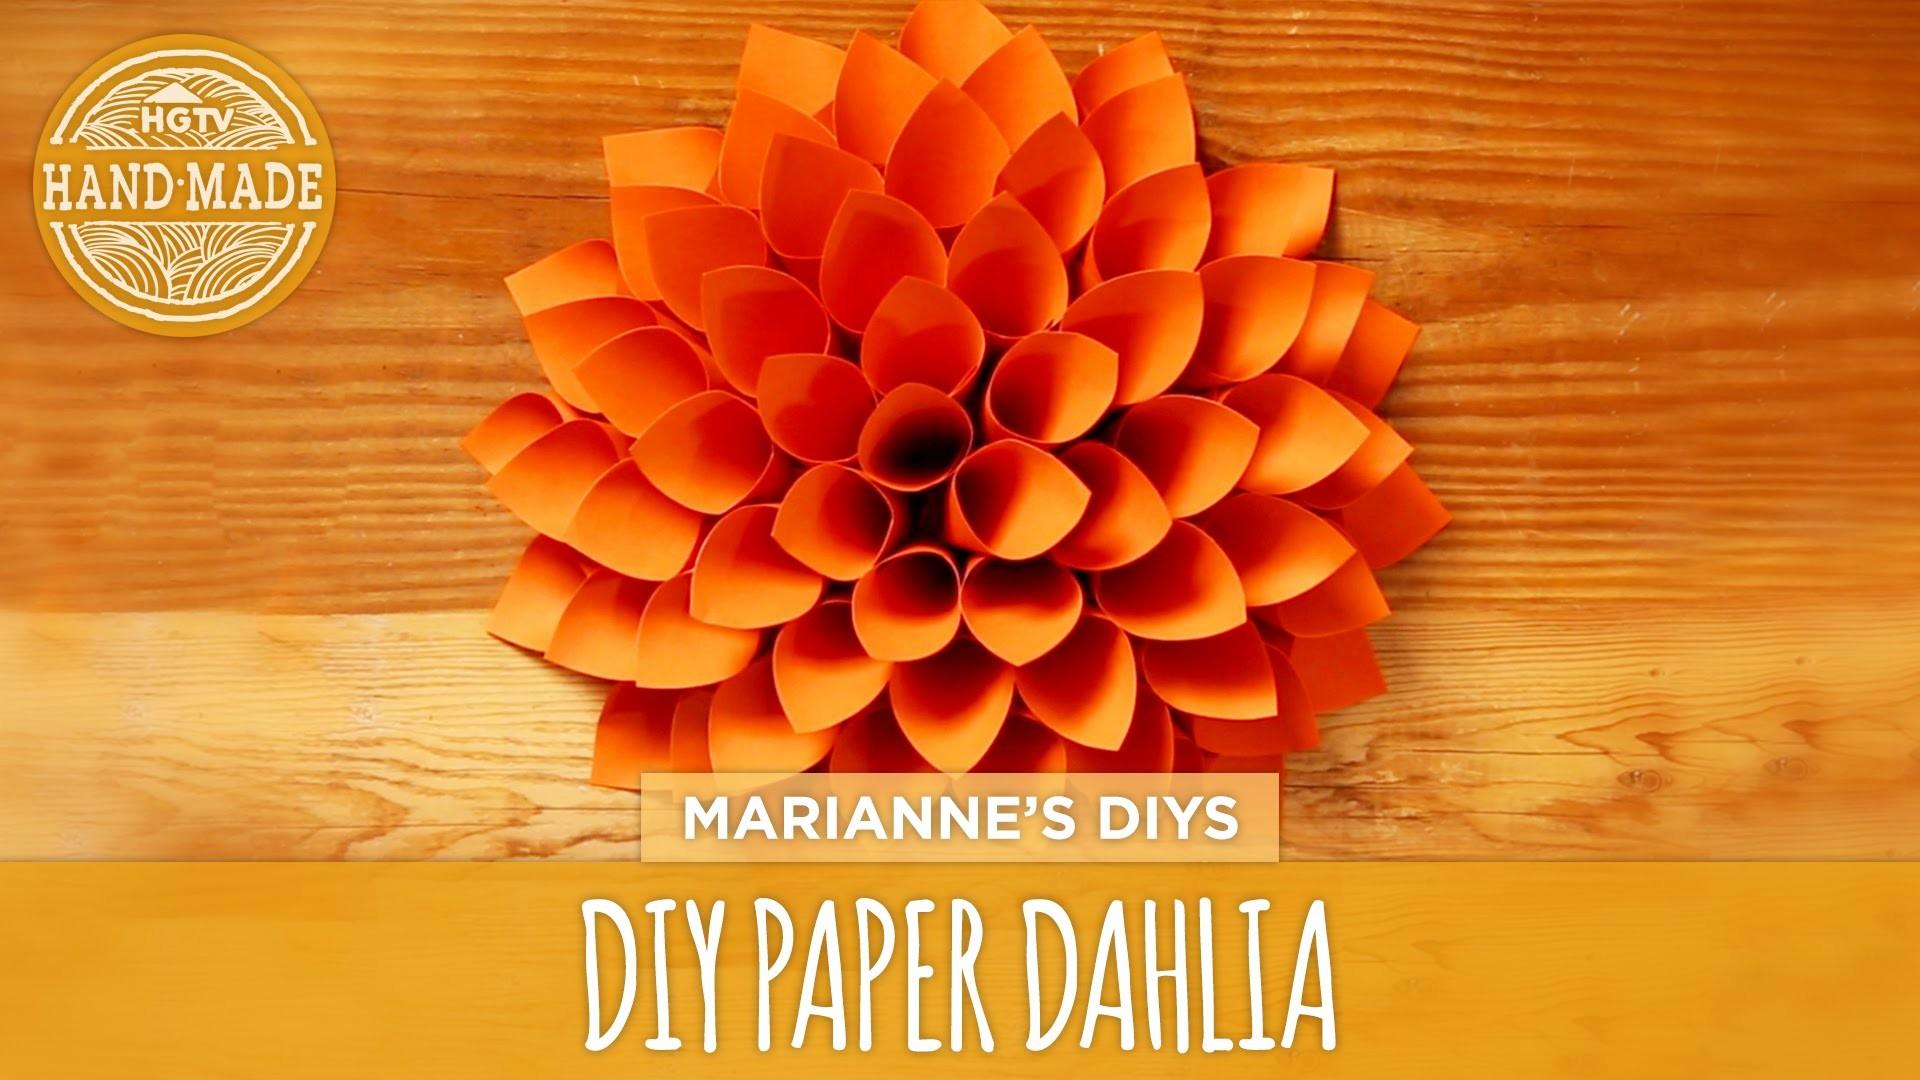 DIY Giant Paper Dahlia - HGTV Handmade